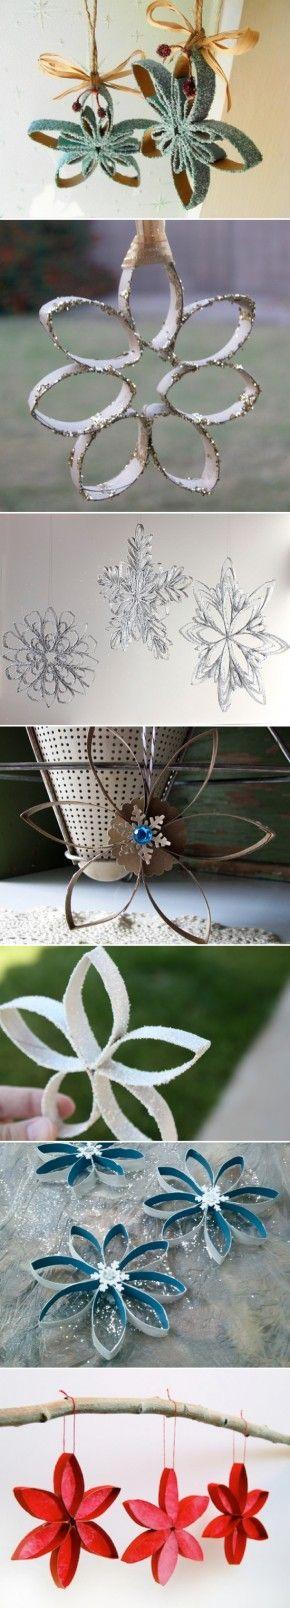 reepjes knippen van wc-rolletjes, op doorschijnend gekleurd papier plakken en in het midden een lampje van een kerstlichtjessnoer - het geheel kun je op een mooie plank bevestigen, zodat je een mooie plank-lamp hebt om waar dan ook te hangen.